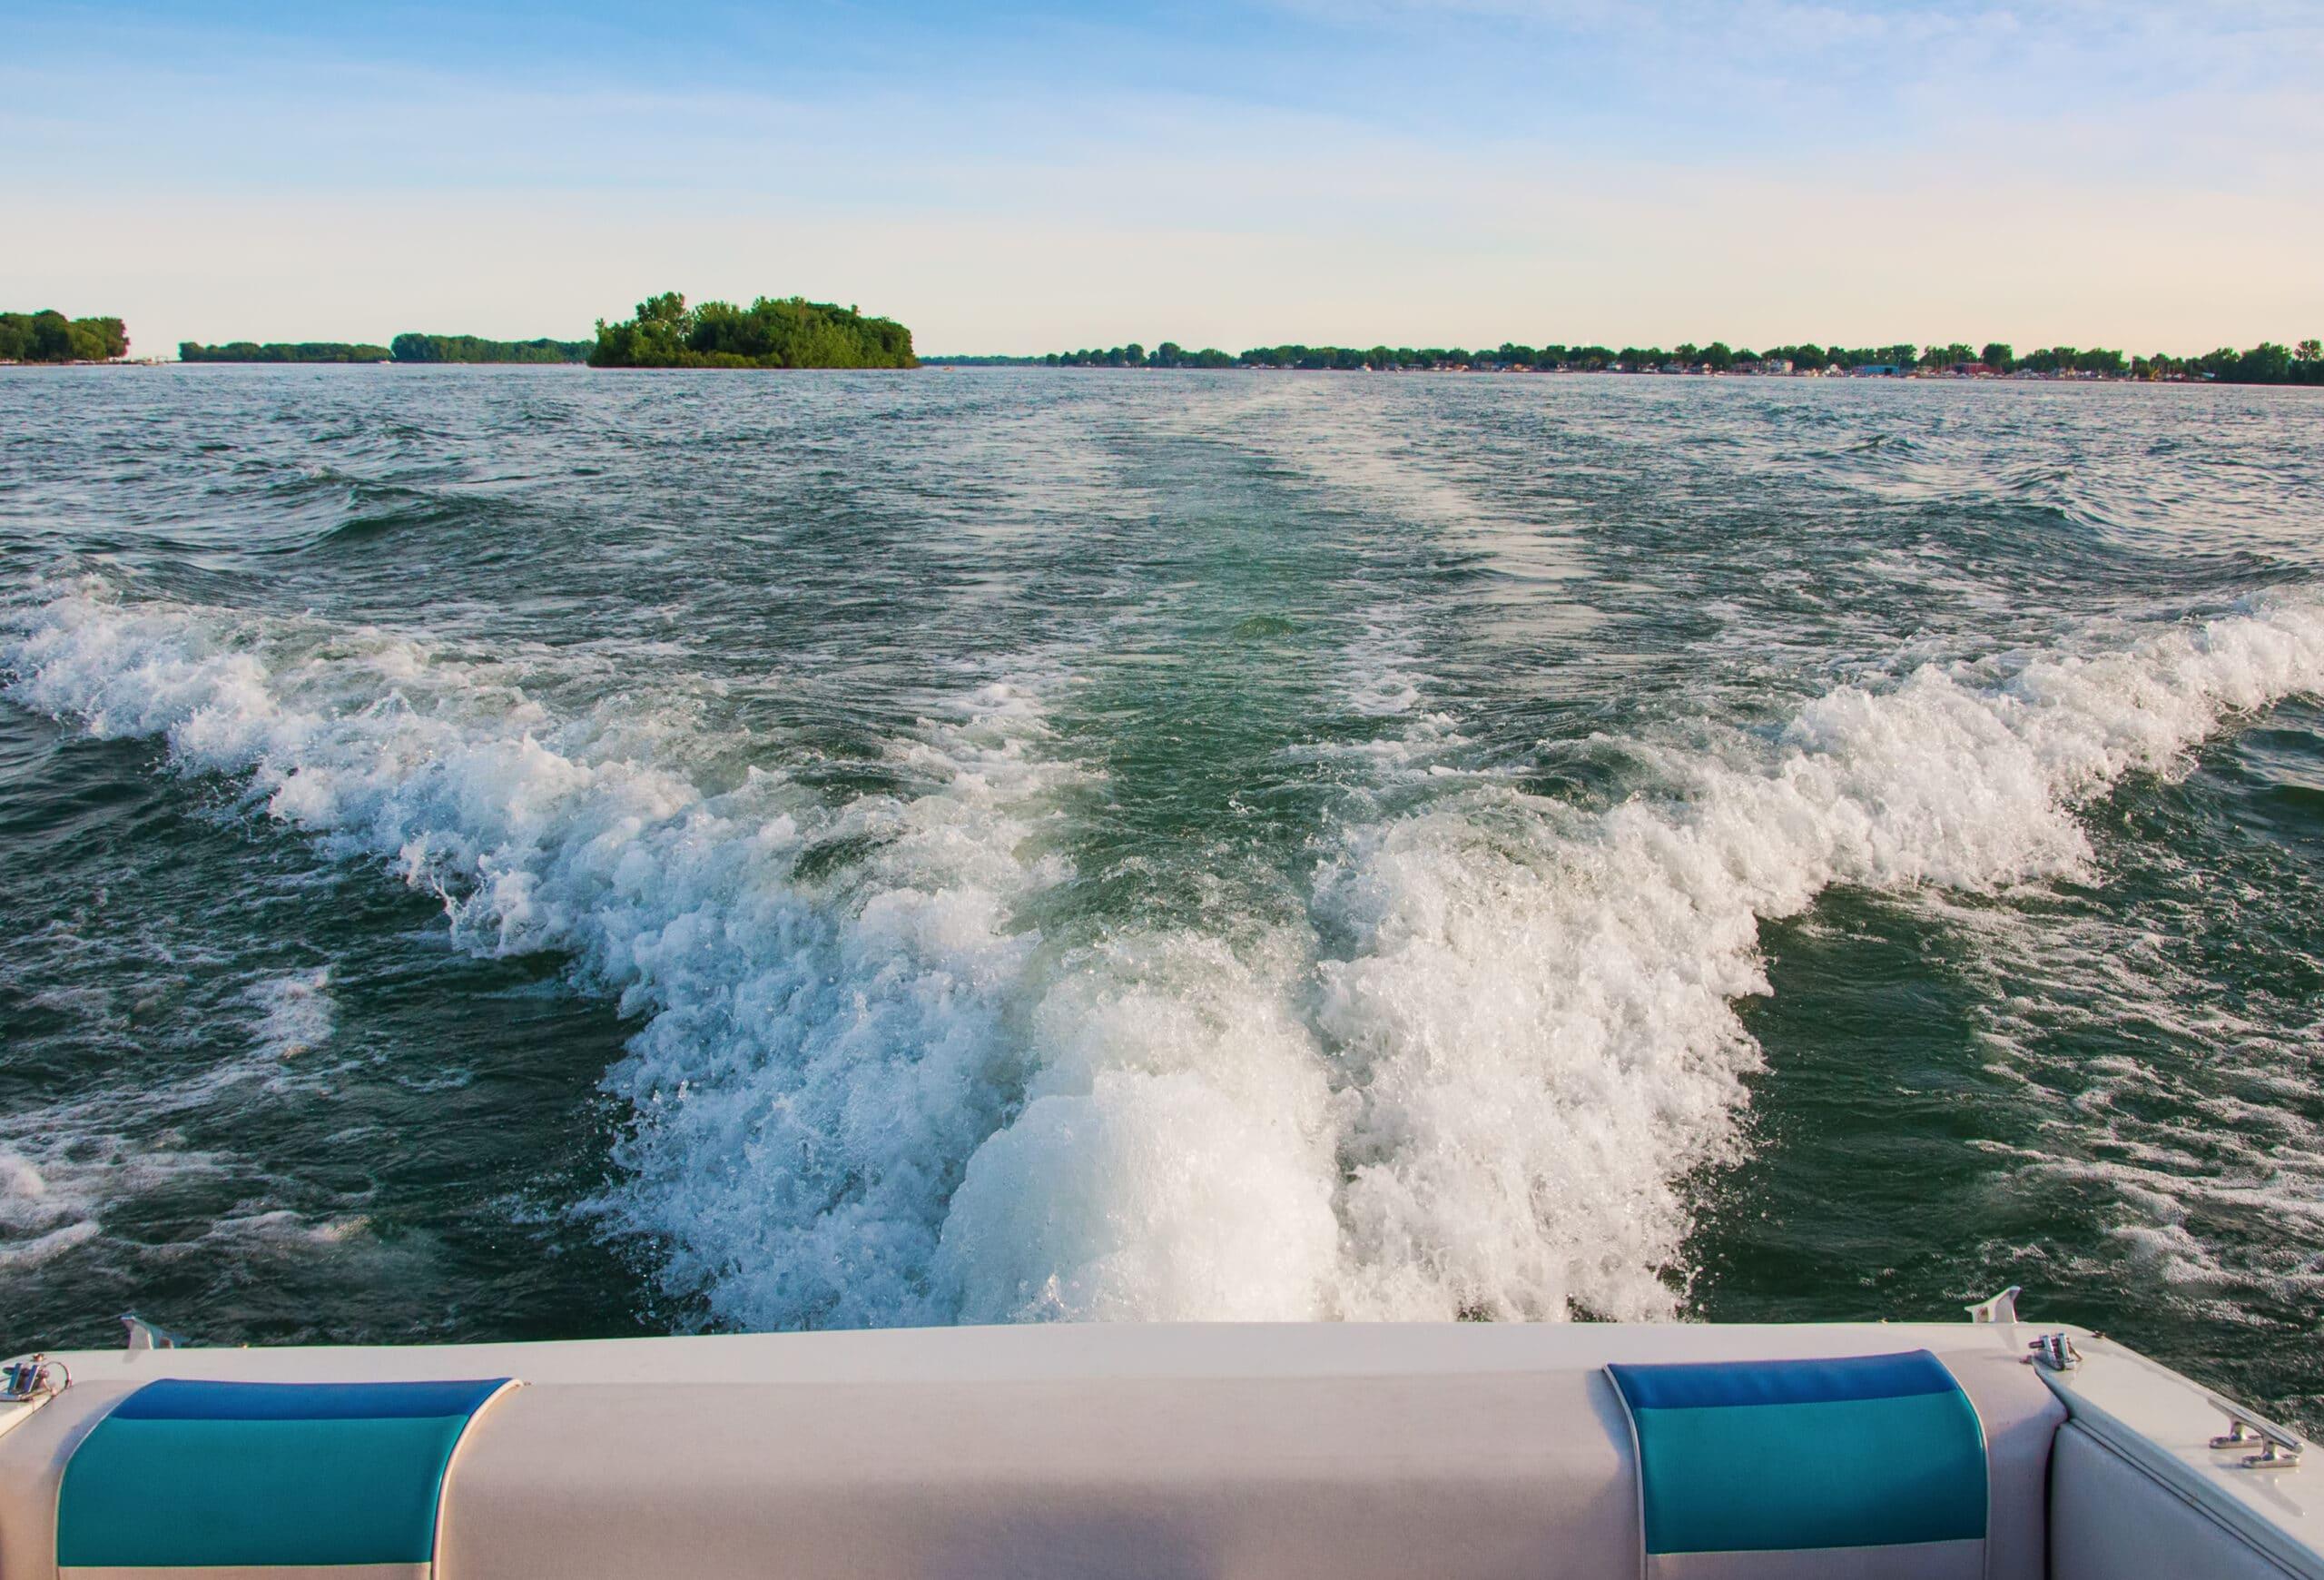 pontoon boat on river